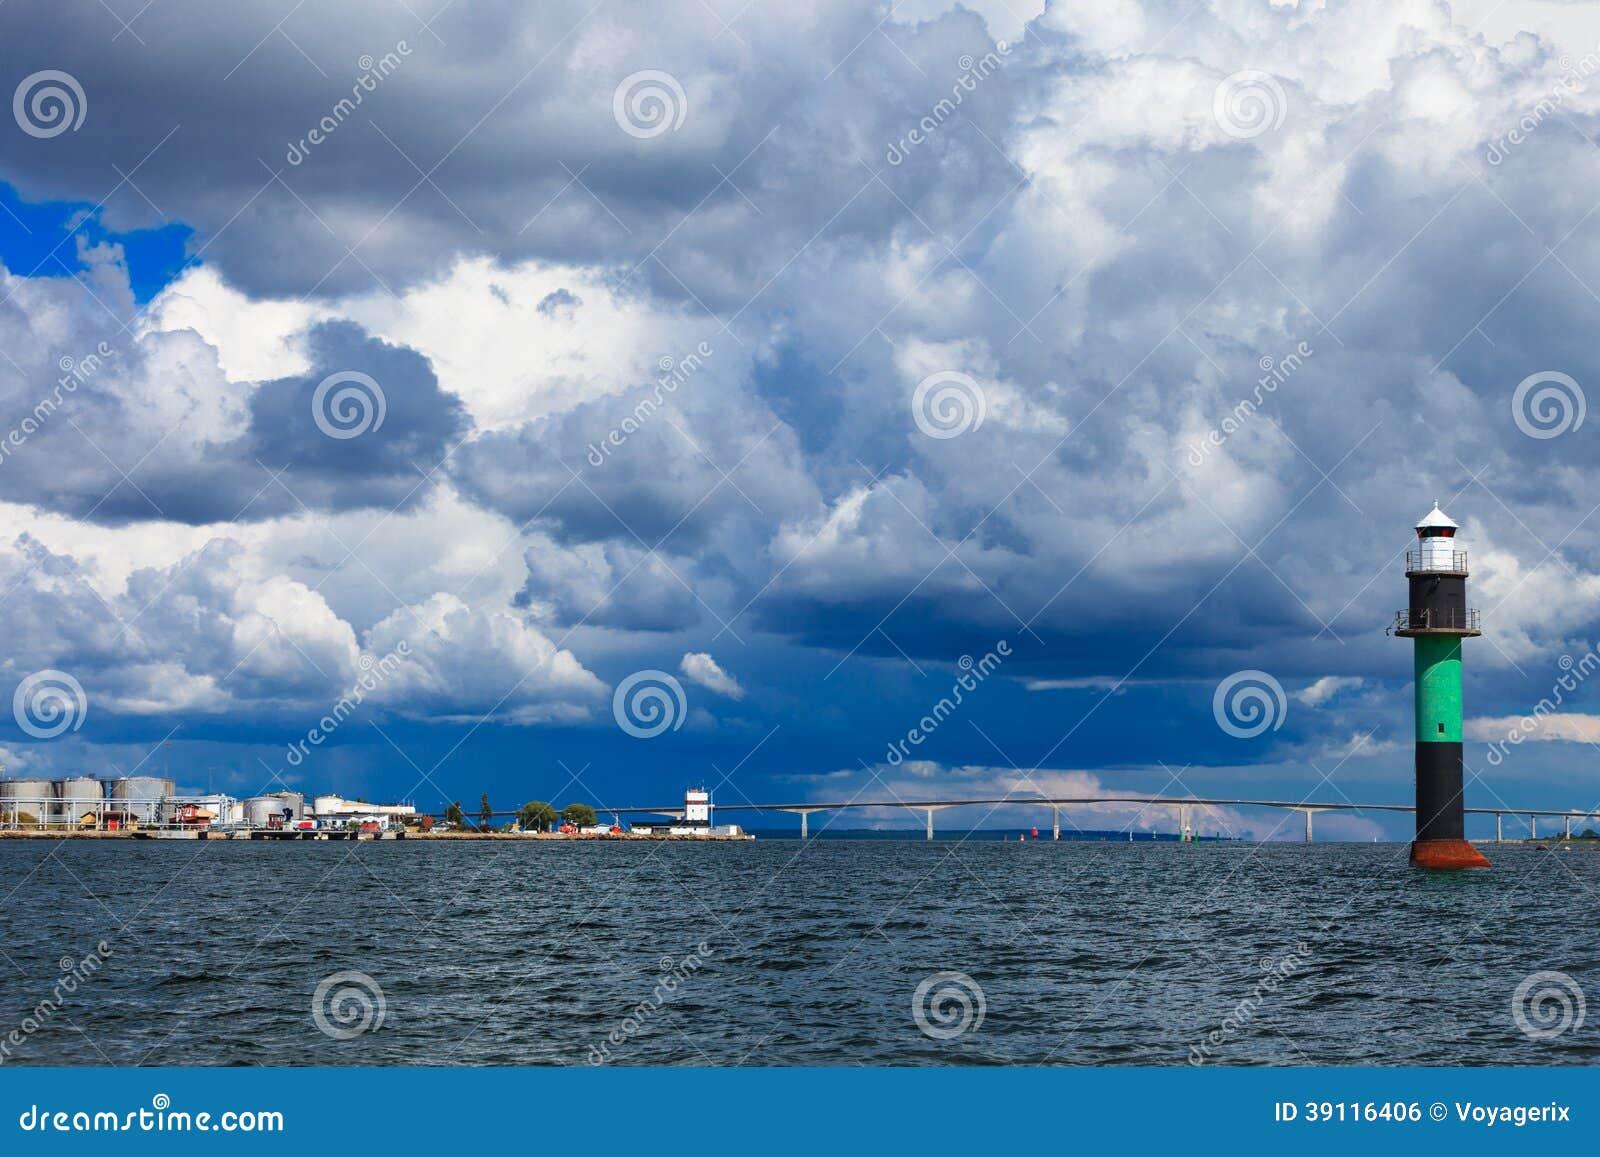 Boei. Oresundsbron. Van de verbindingsdenemarken Zweden van de Oresundbrug de Oostzee.